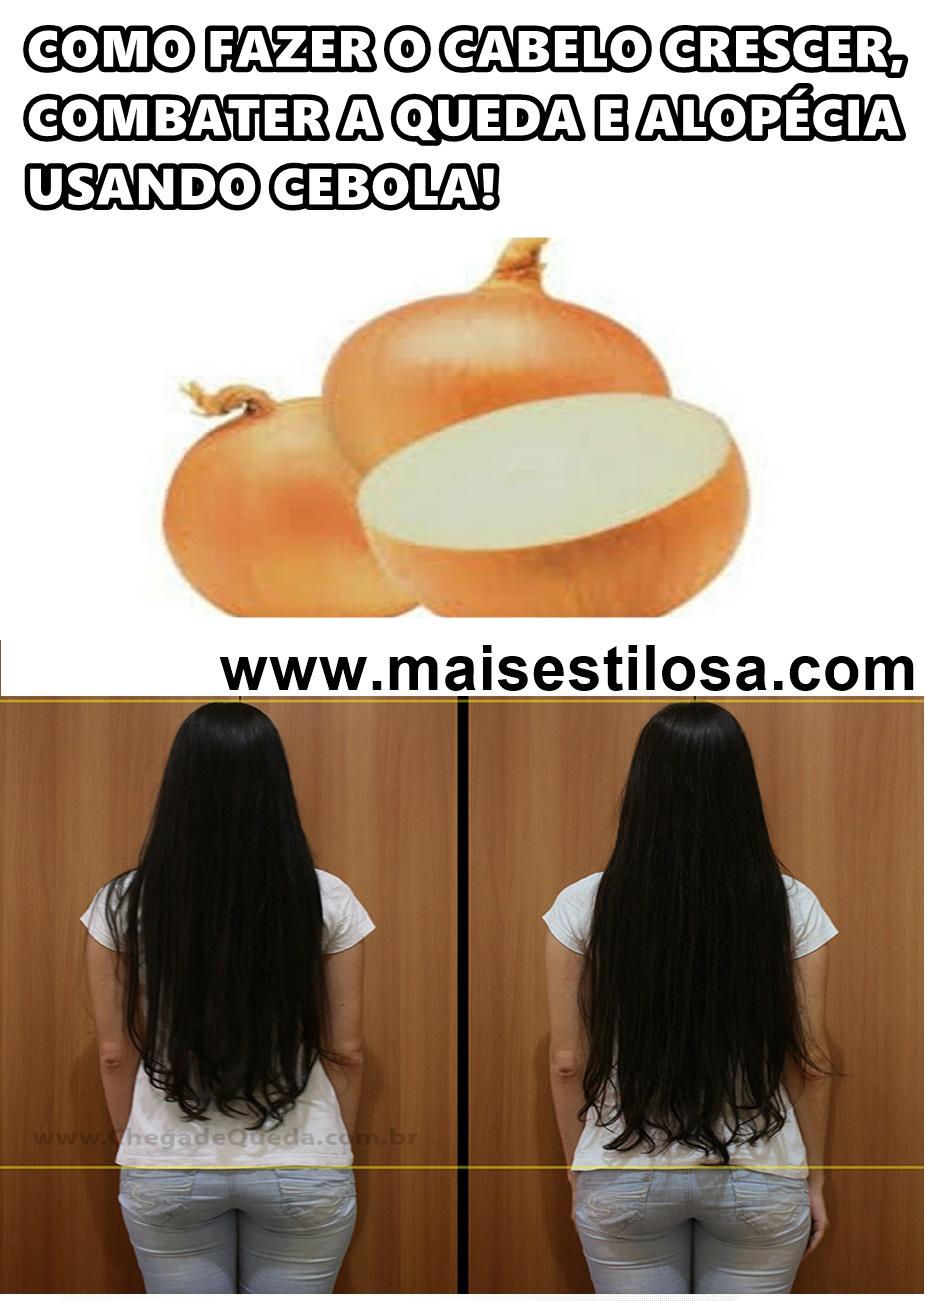 cebola no cabelo para queda beneficios